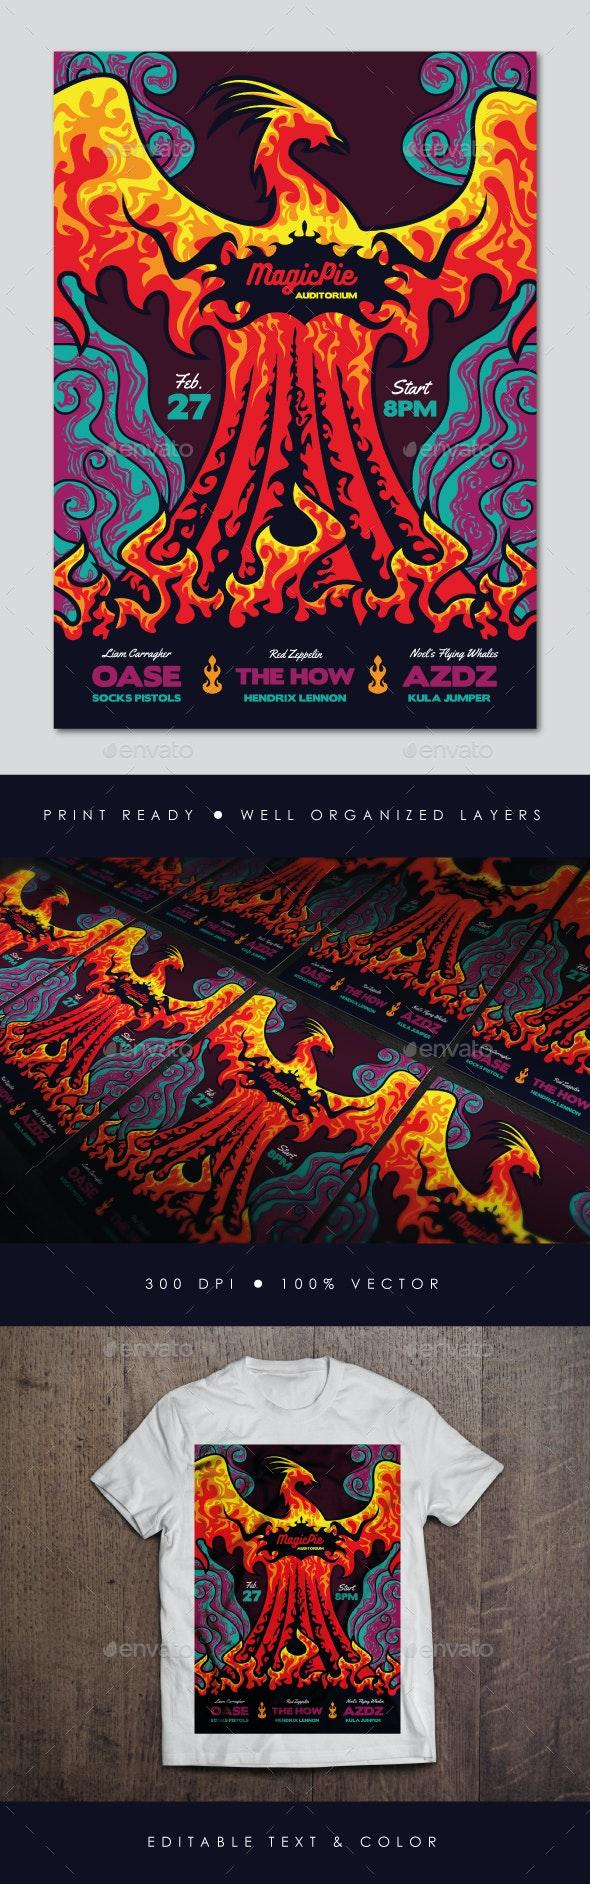 Phoenix Indie Rock Flyer - Concerts Events